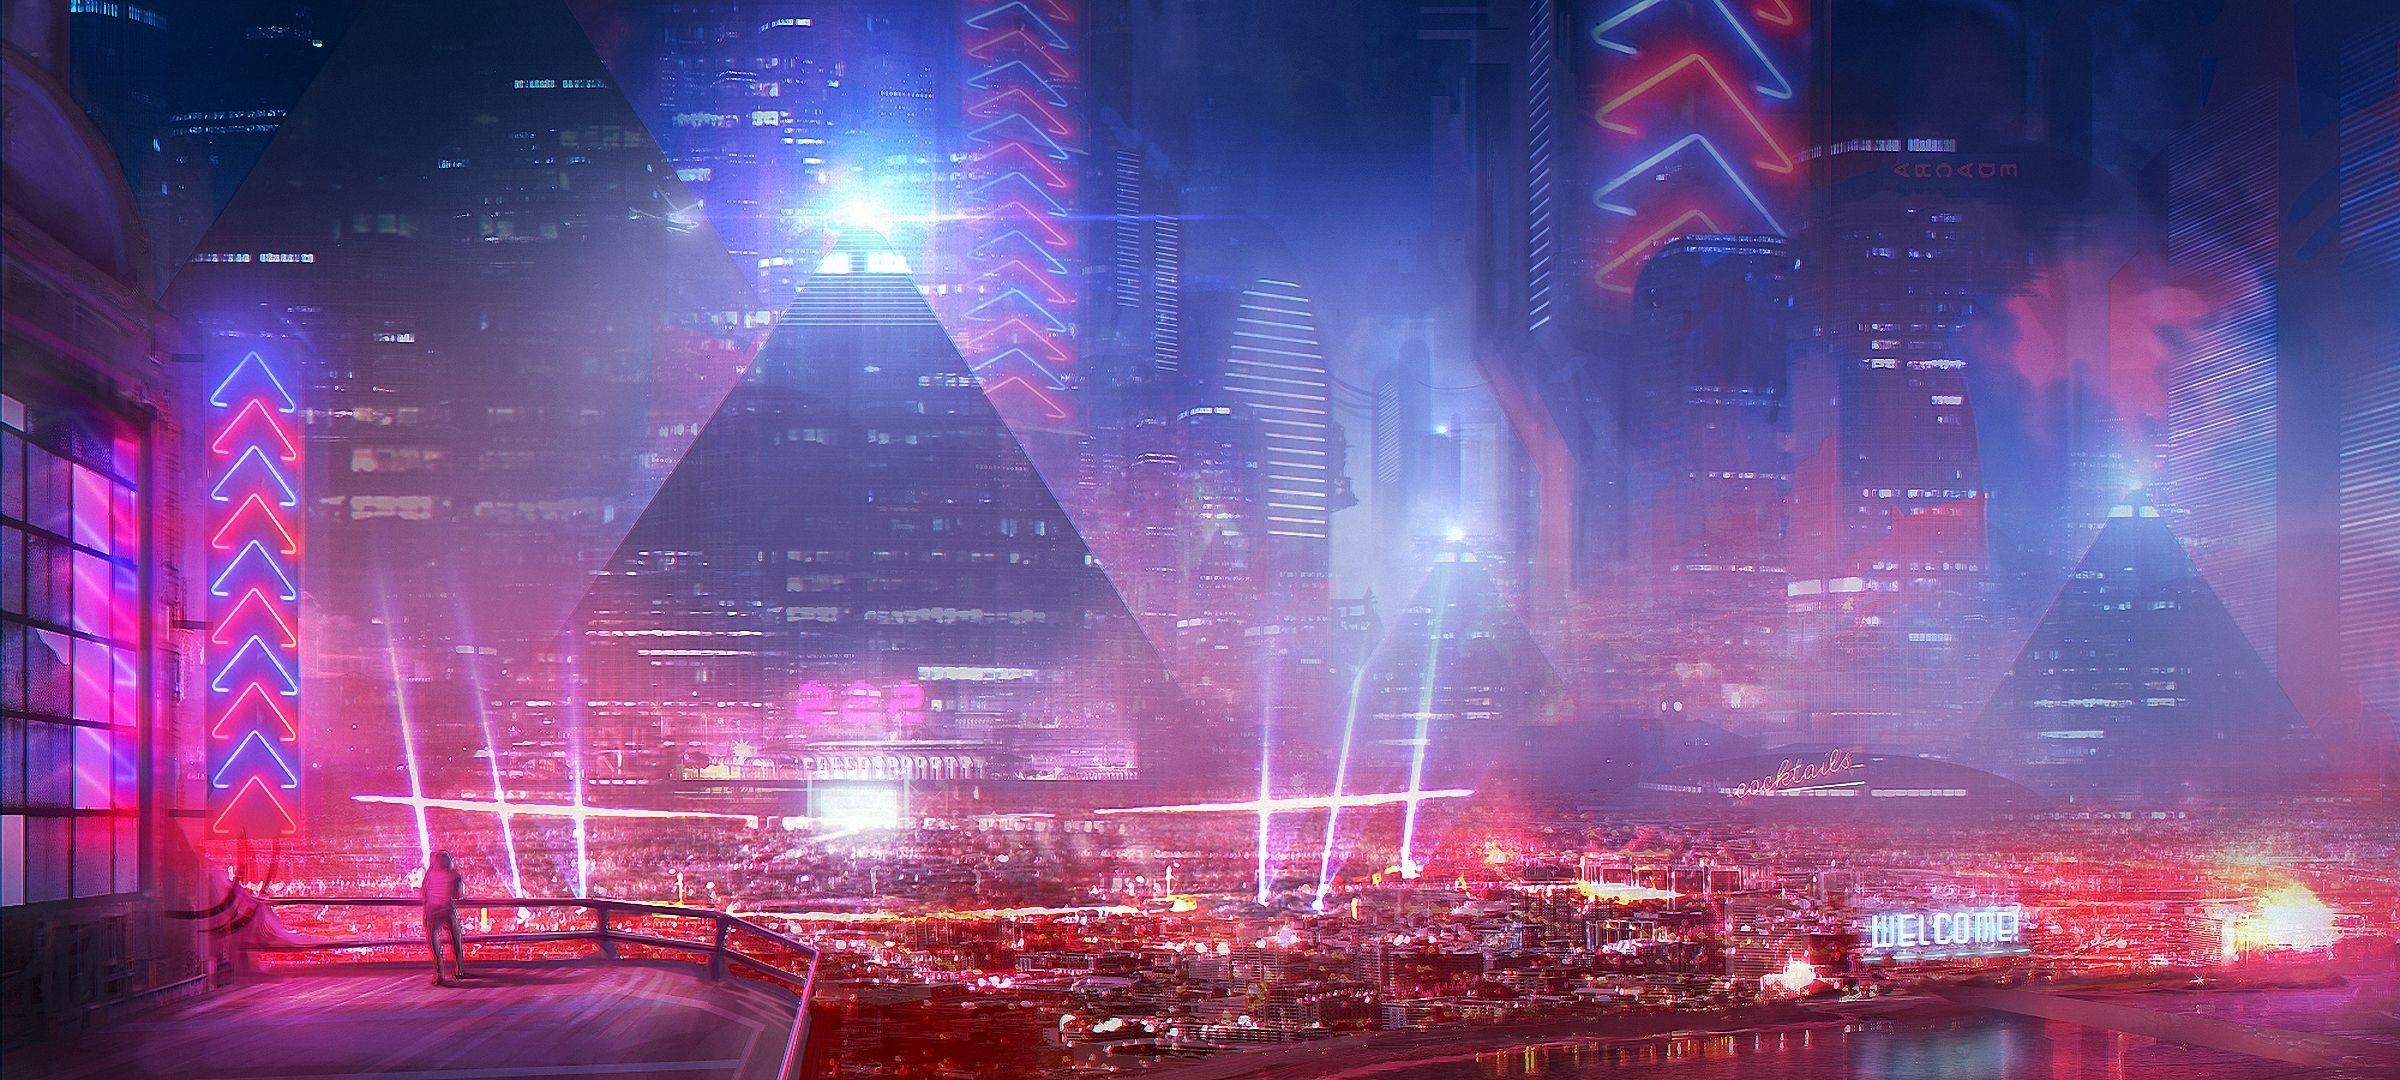 Future Light City Other Jpg 2400 1080 Ville Cyberpunk Photographie De Paysages Fond Ecran